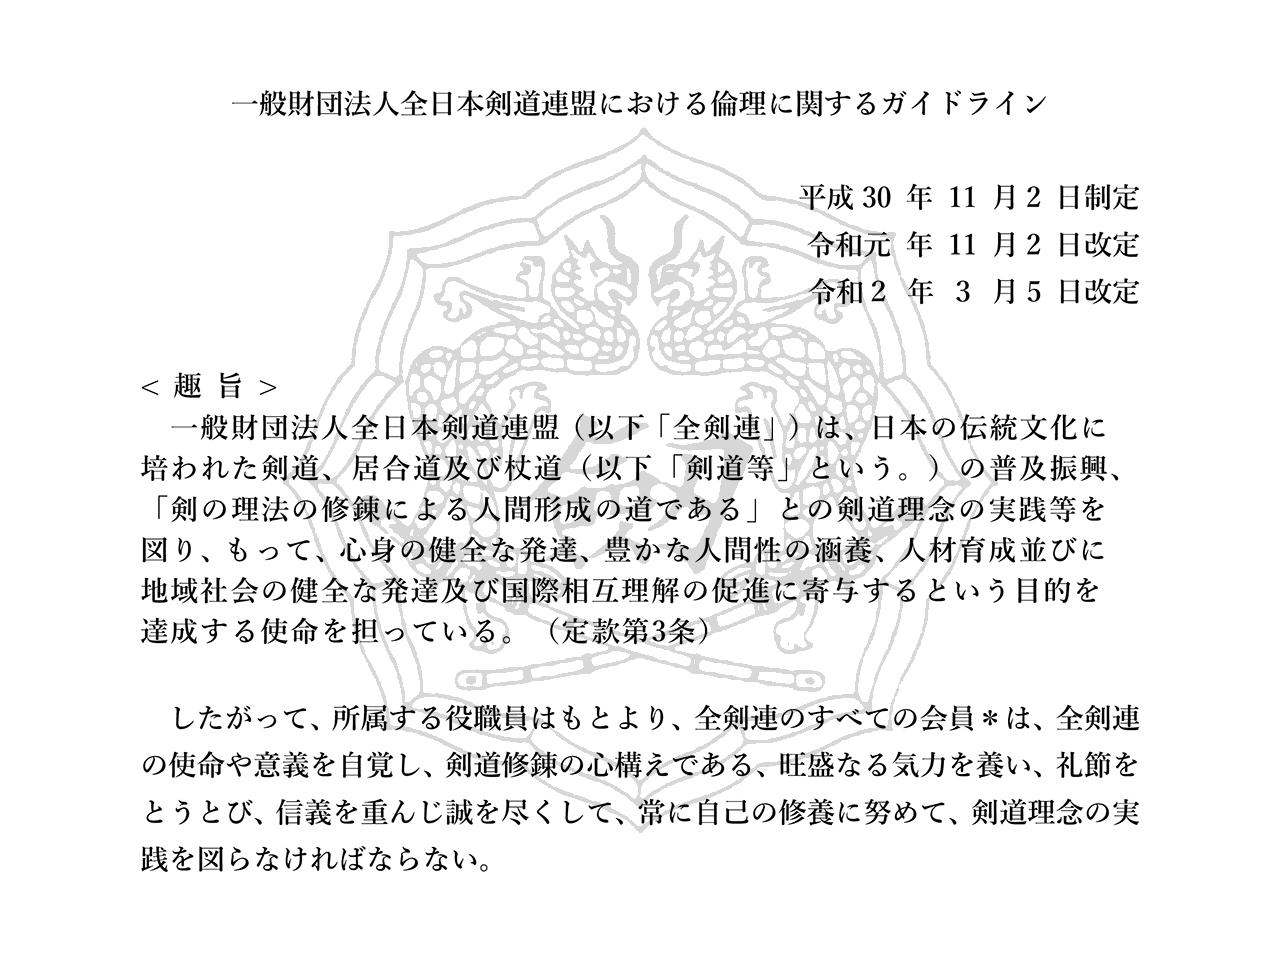 剣道 連盟 全日本